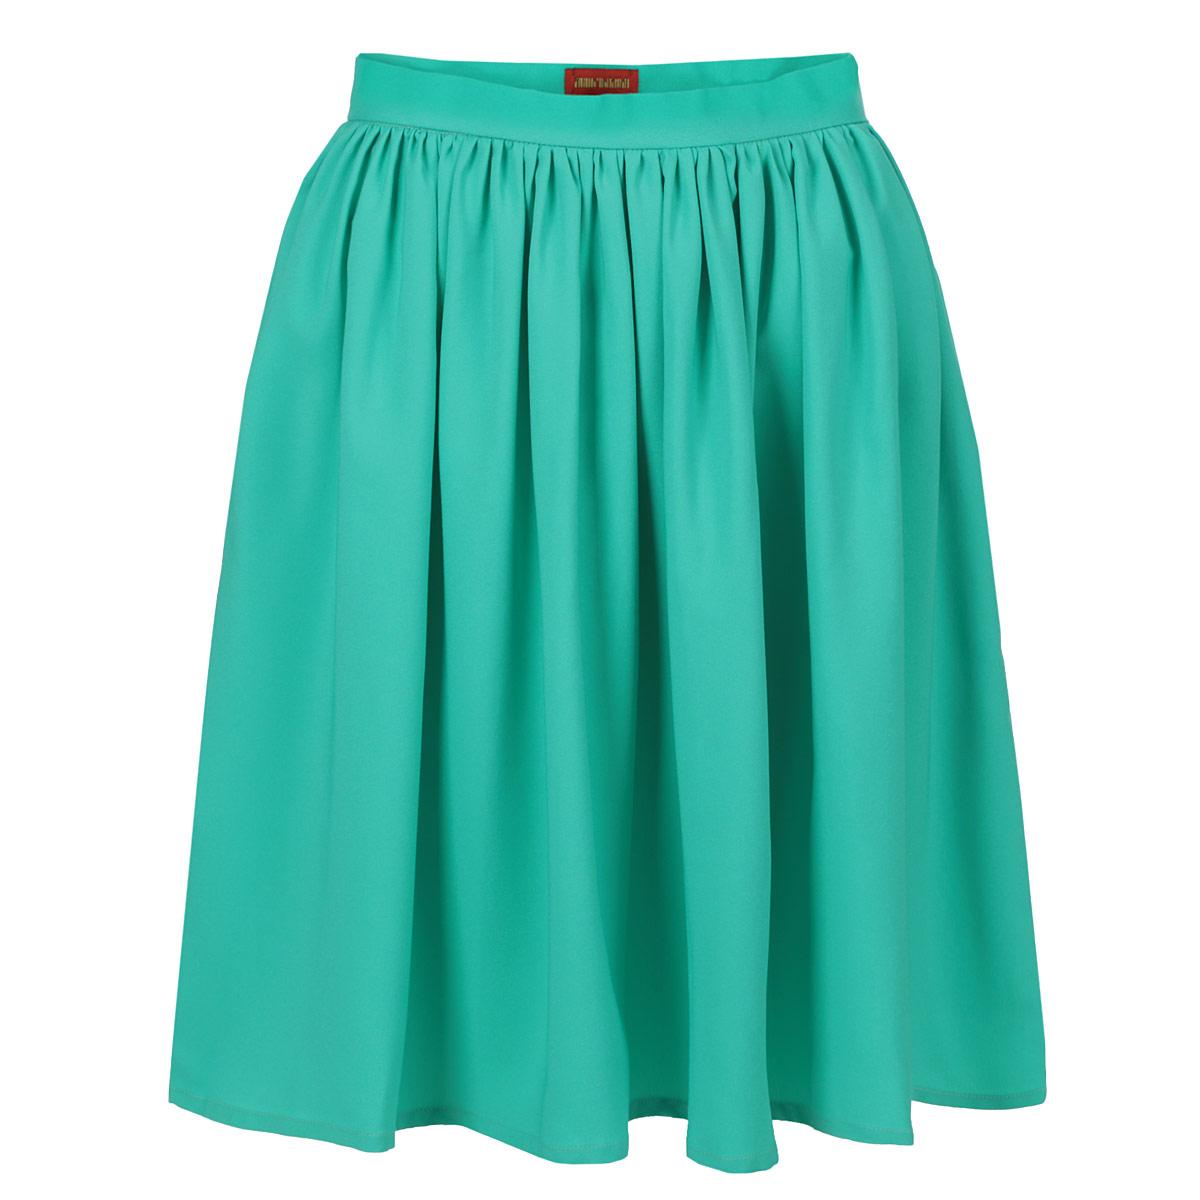 ЮбкаU01S-IМодная струящаяся юбка от Анны Чапман, изготовленная из высококачественного материала, очень мягкая на ощупь, не раздражает даже самую нежную и чувствительную кожу и хорошо вентилируется. Модель миди длины на широком поясе. Юбка застегивается сбоку на потайную молнию. Юбка станет отличным вариантом для создания женственного утонченного образа. В таком наряде вы, безусловно, привлечете восхищенные взгляды окружающих.